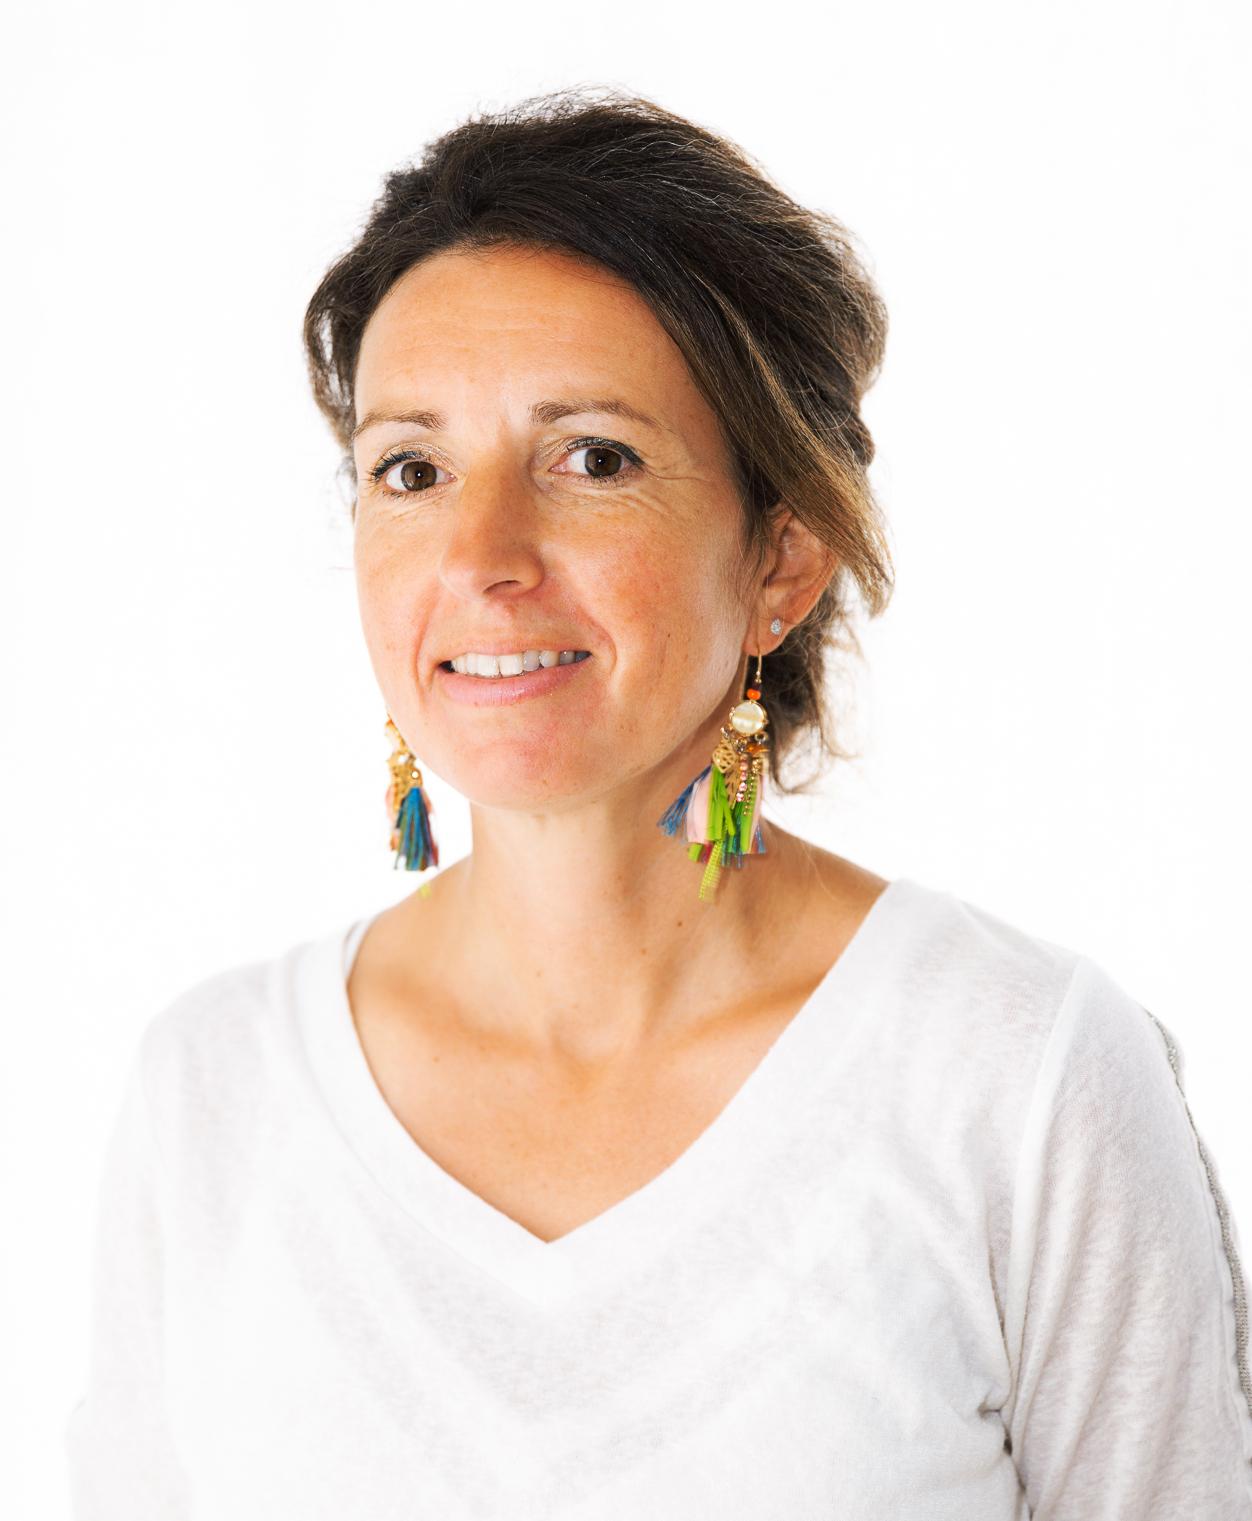 Christelle Queré_Coach certifiée_DRH_Consultante ressources humaines et management_Quimper et Brest